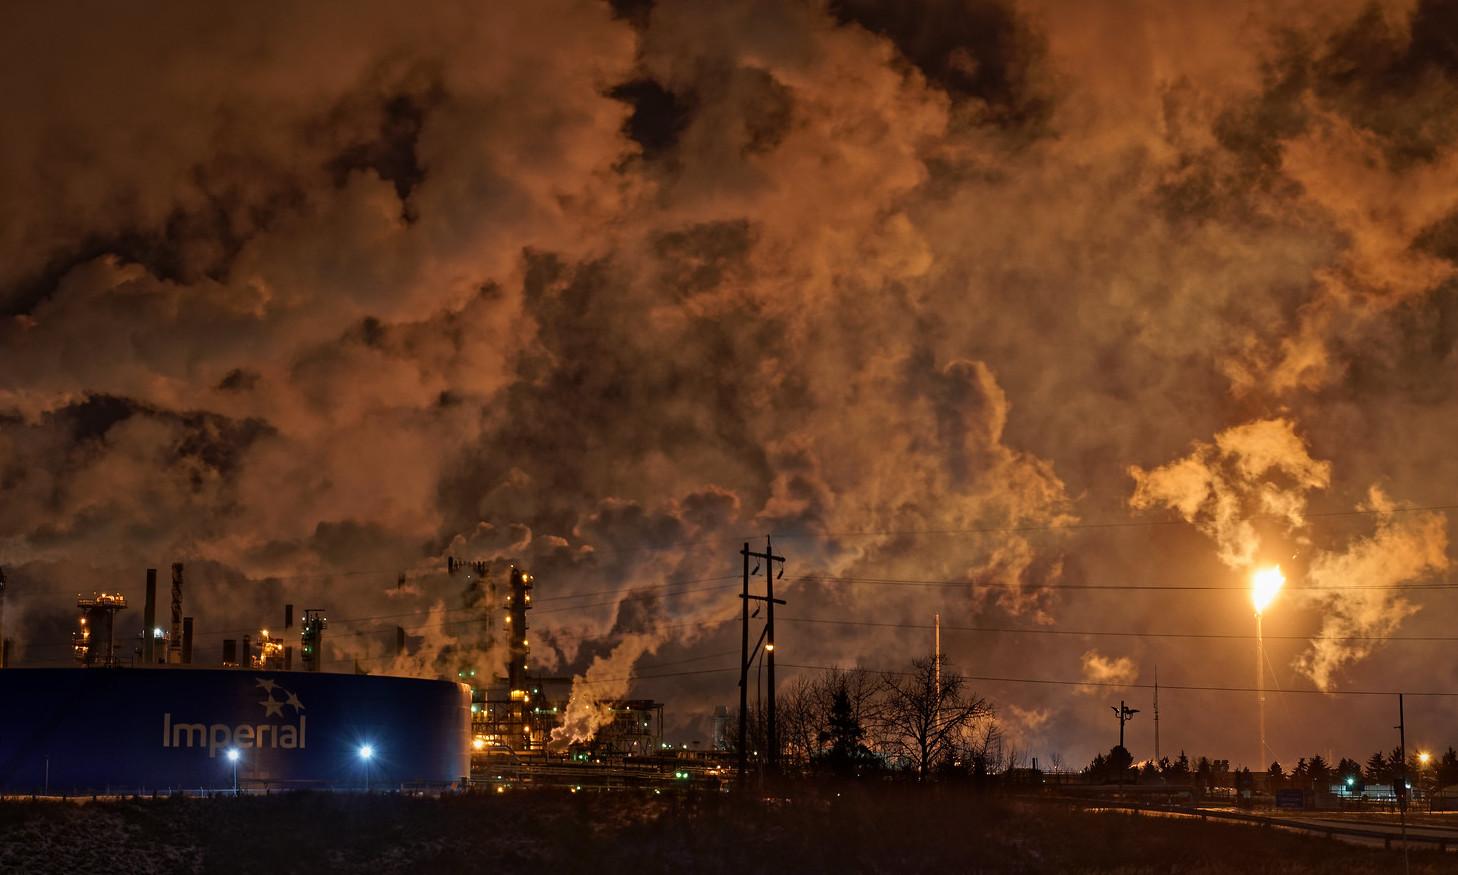 Компания Big Oil призывает производителей биотоплива избавить двигатель внутреннего сгорания от планов Байдена по электромобилям